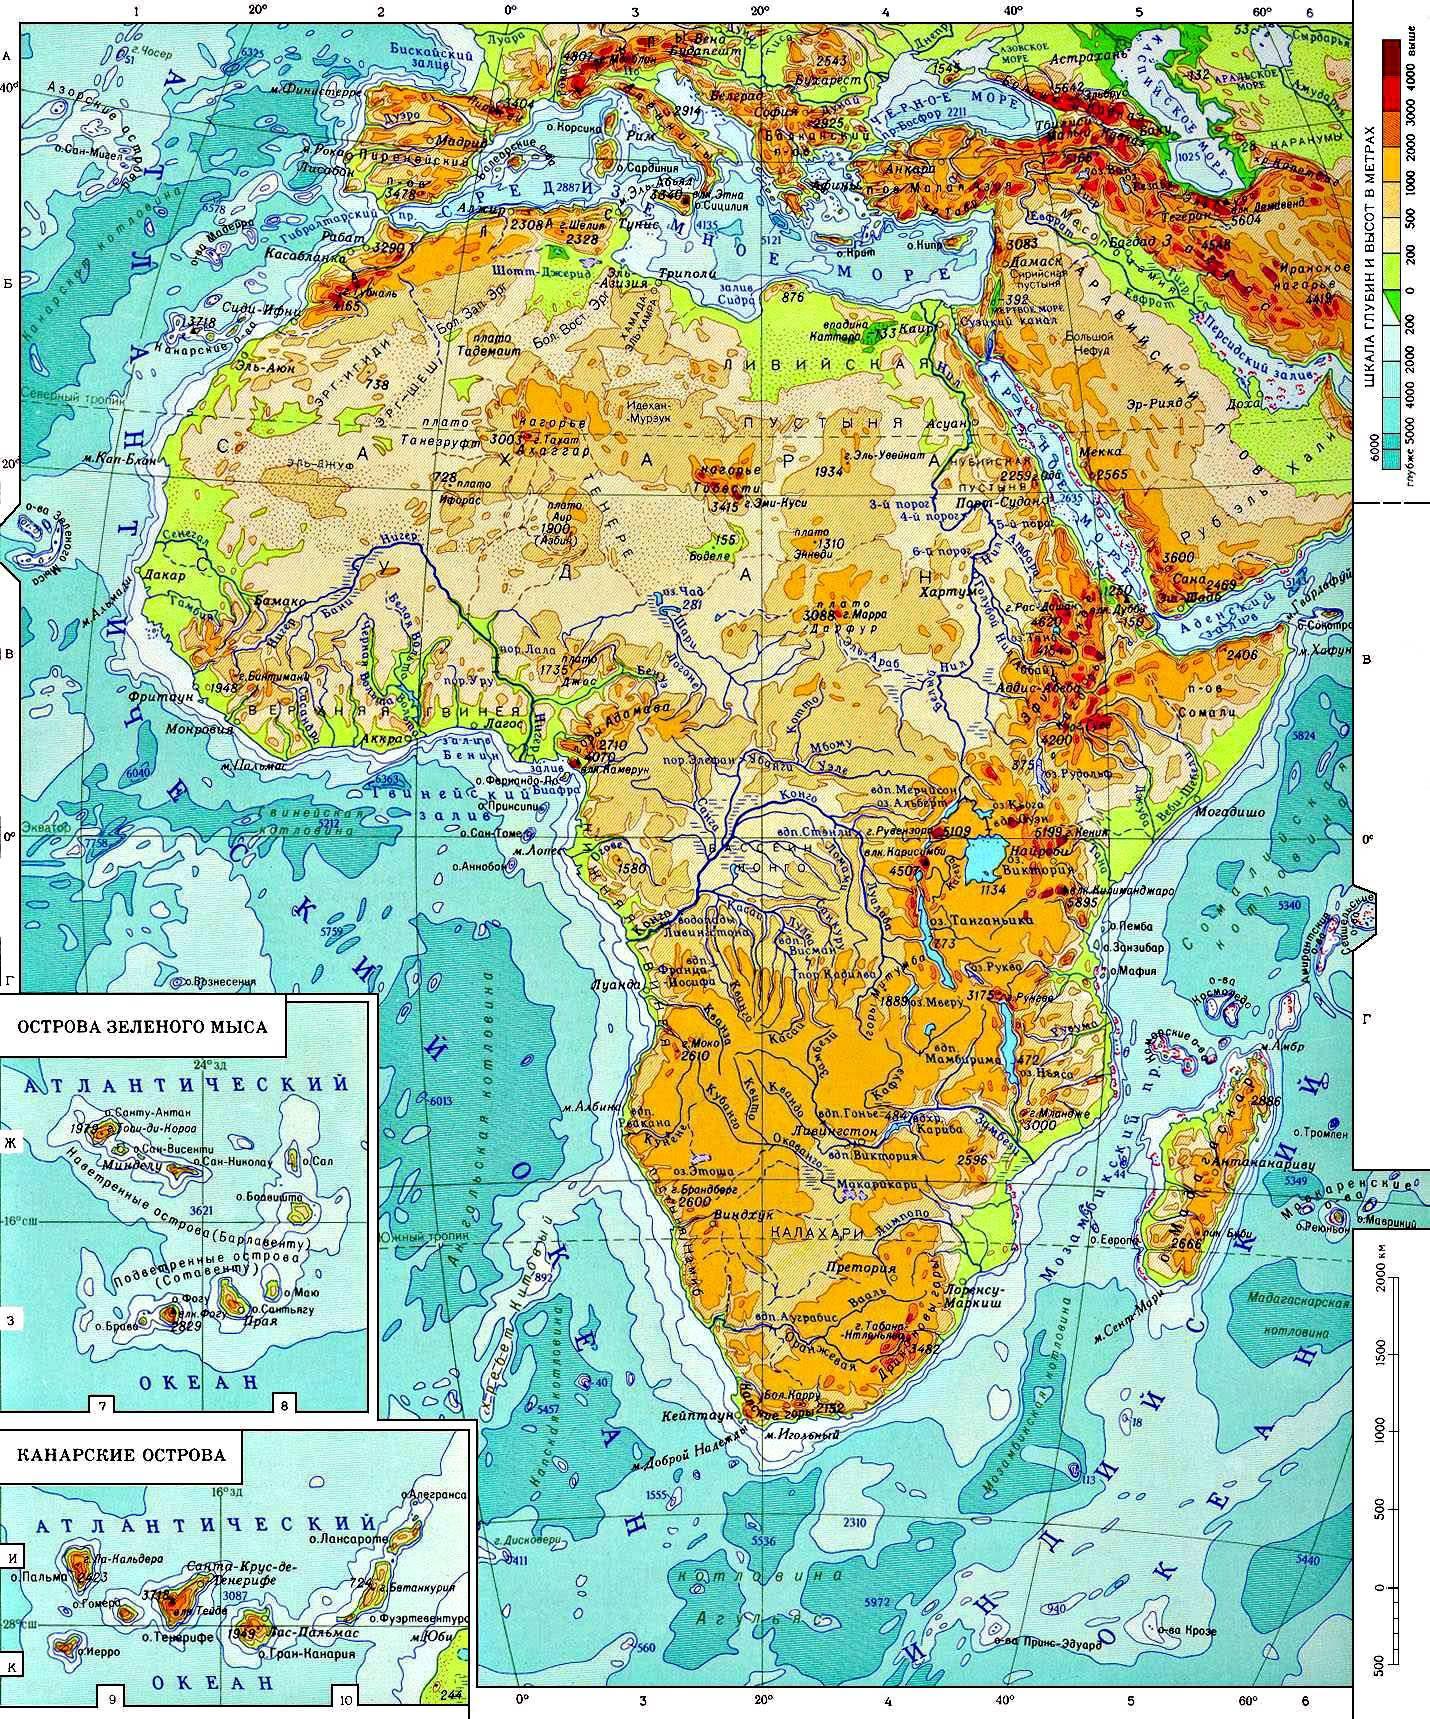 Южная точка африки омывается